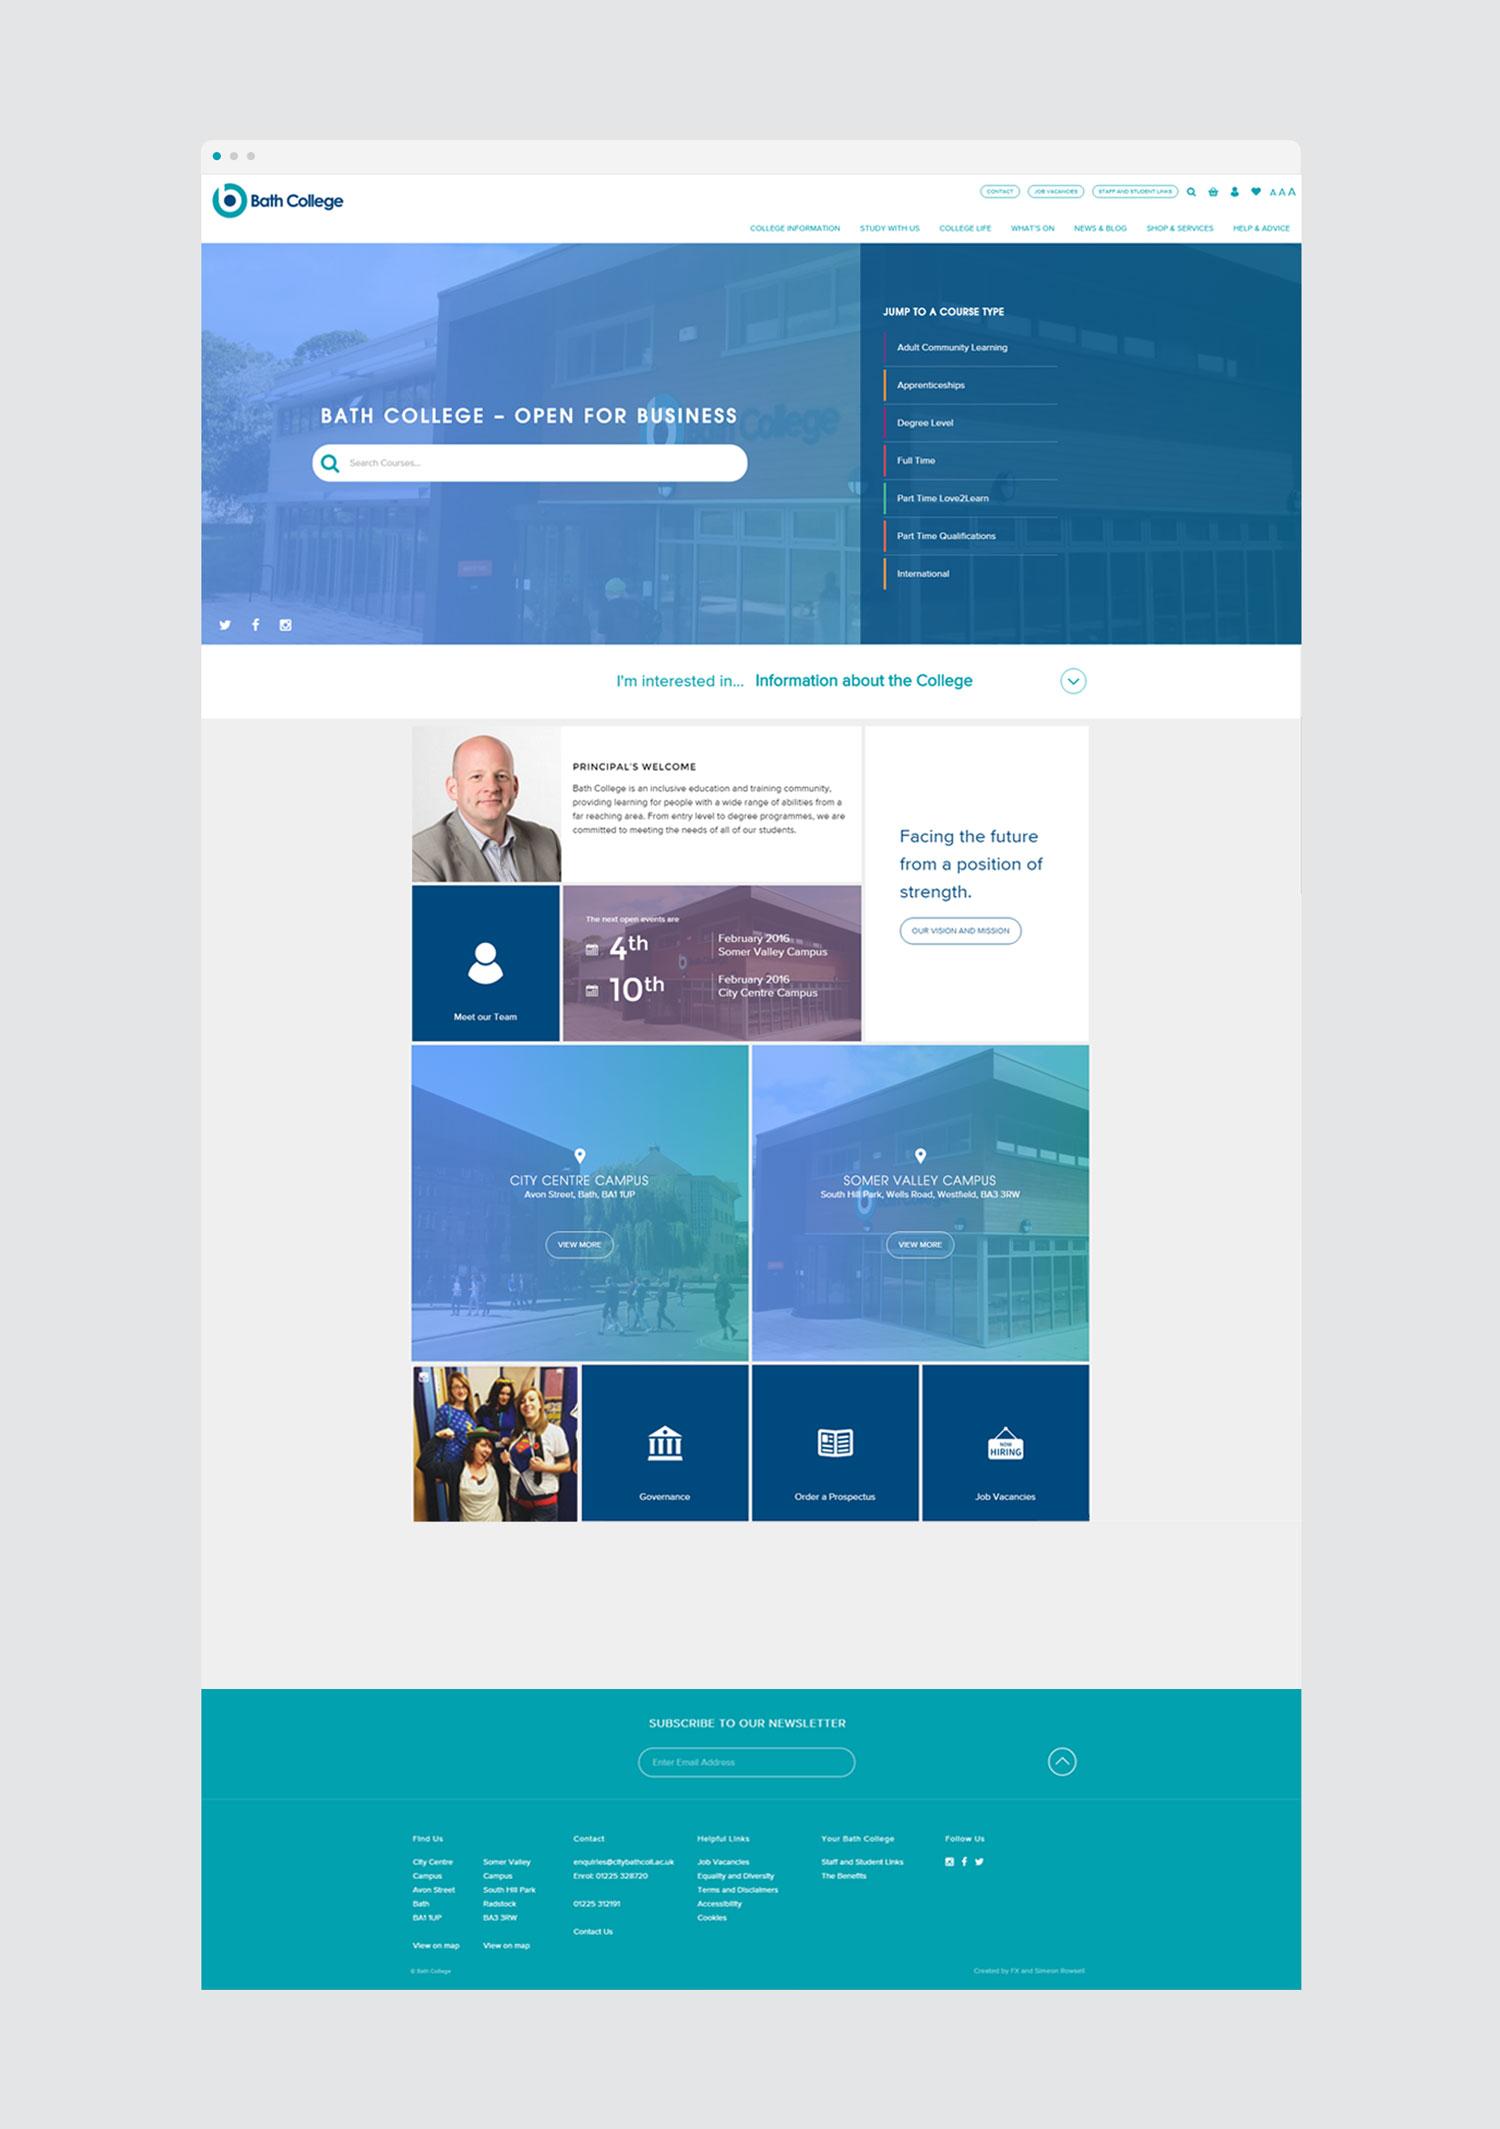 bath college home page web design